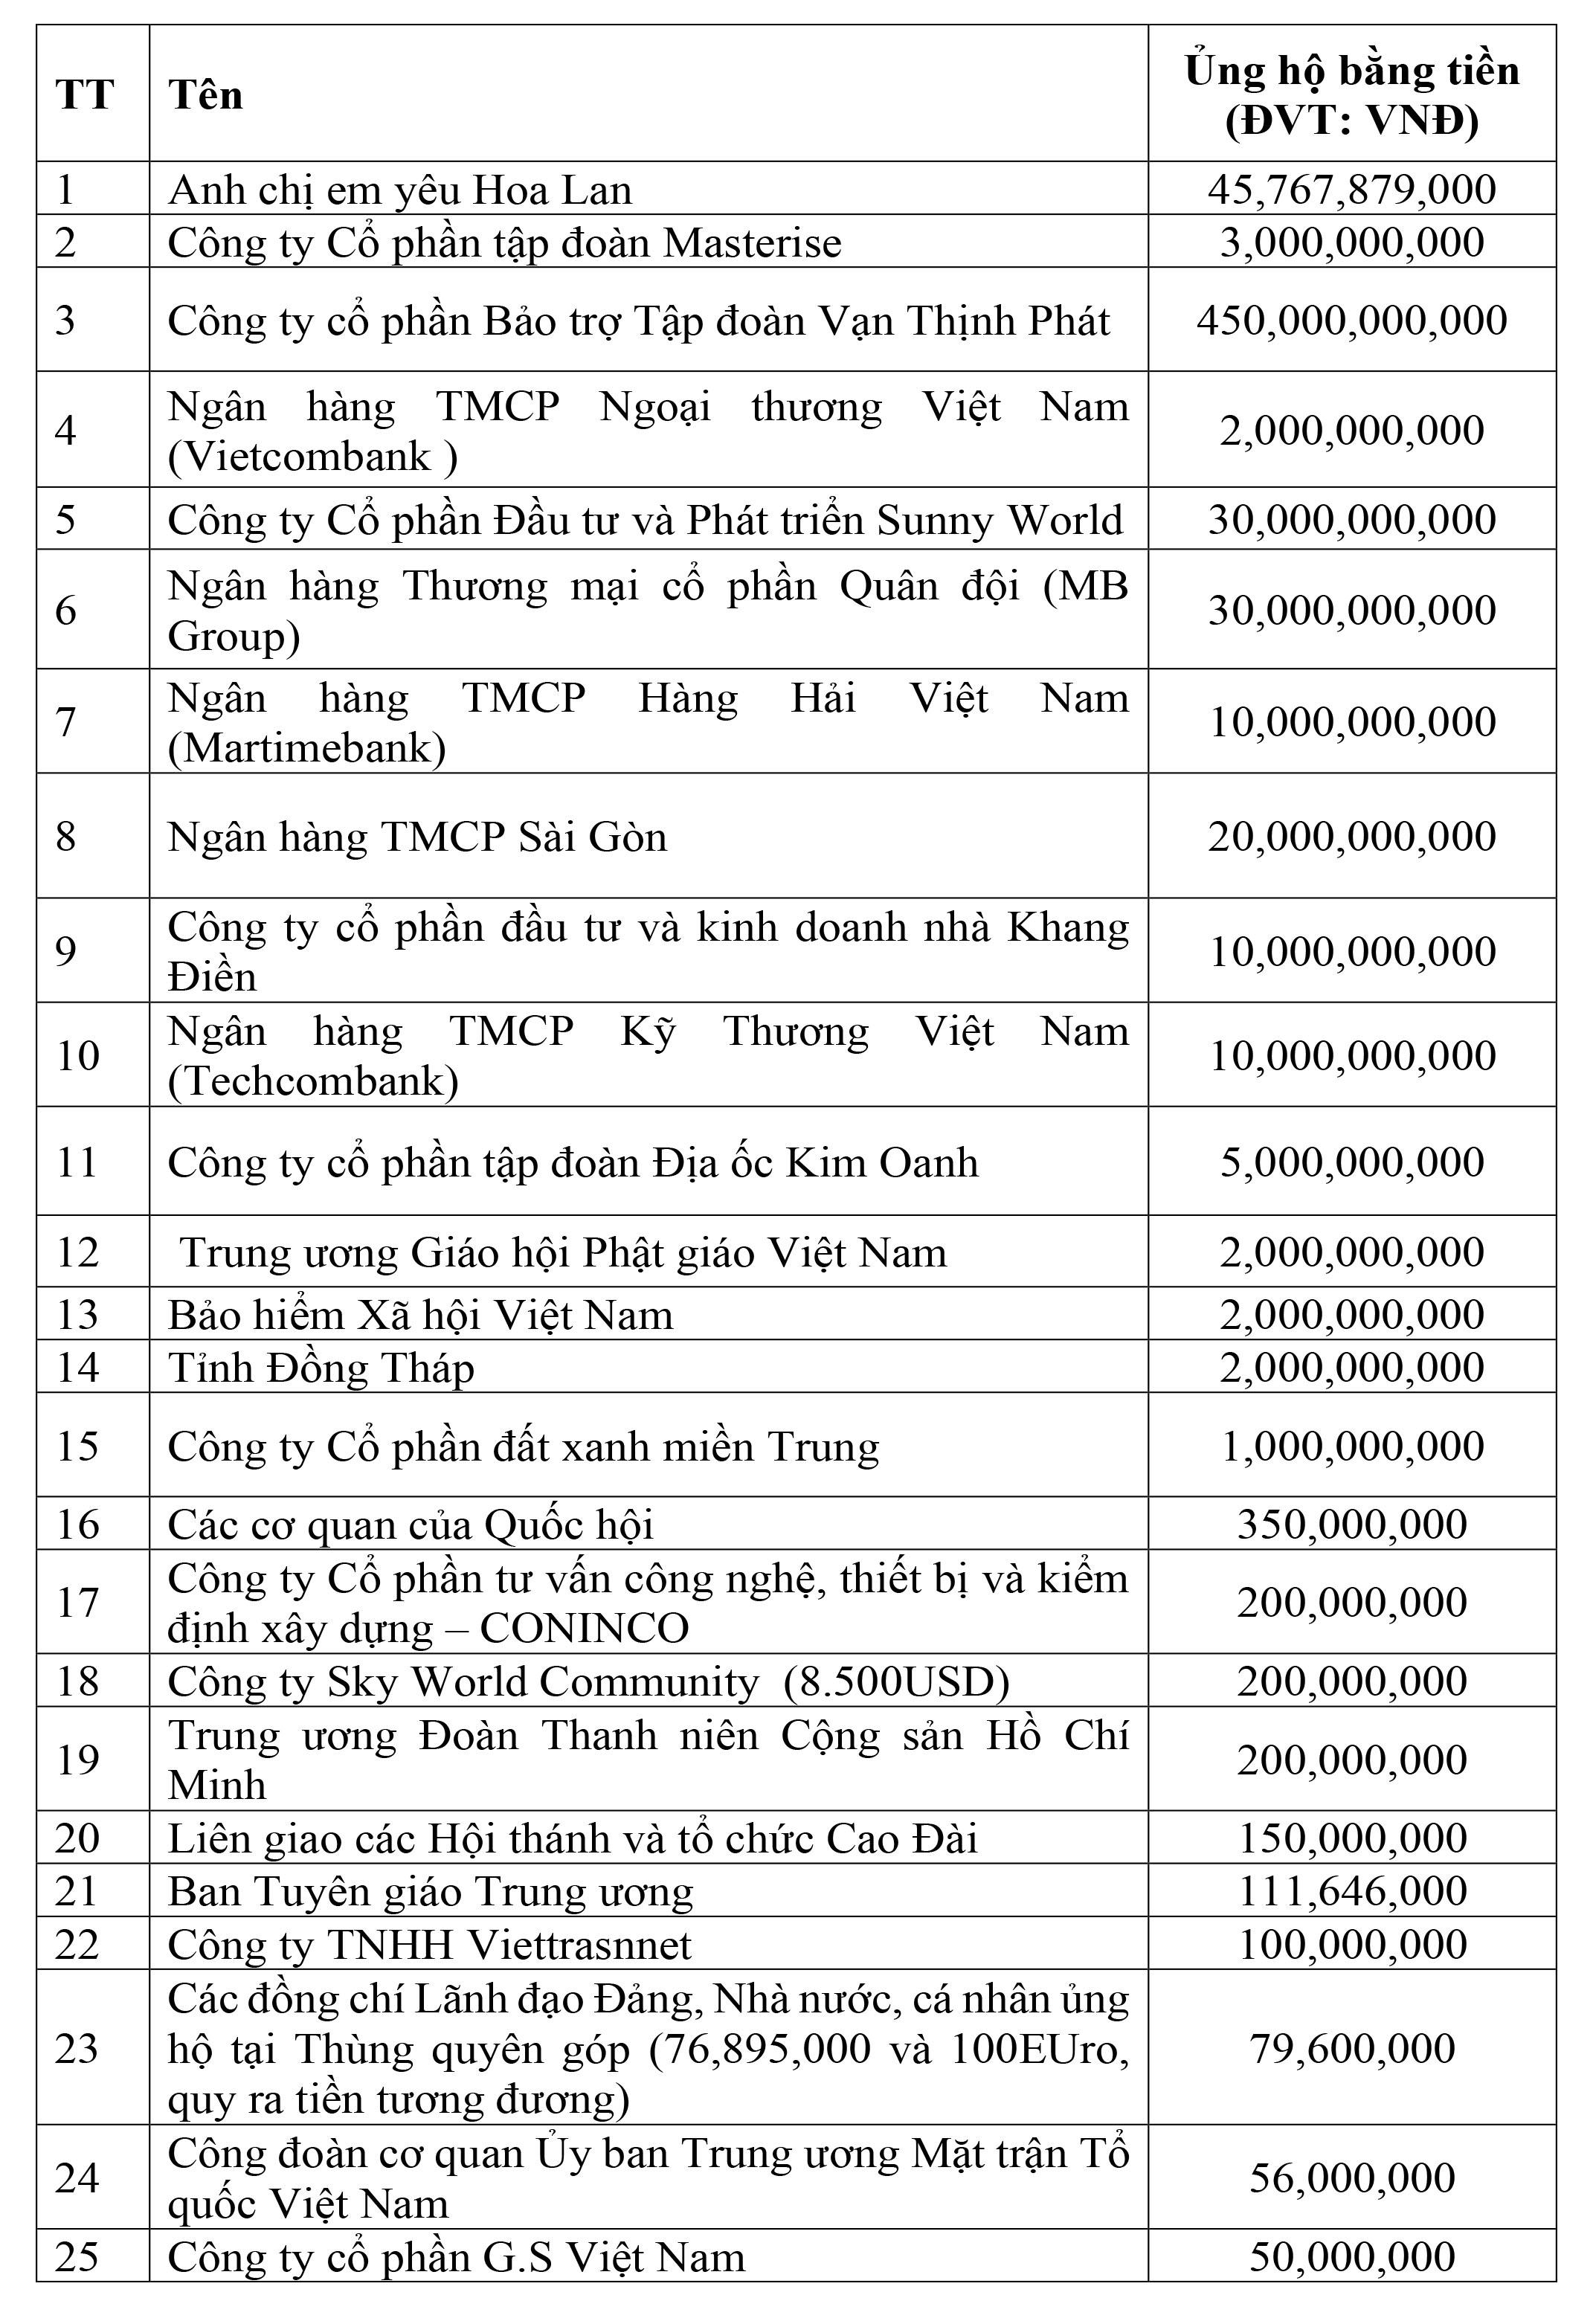 Danh sách các cơ quan, đơn vị, doanh nghiệp, tổ chức và cá nhân ủng hộ công tác phòng, chống dịch thông qua UBTƯ MTTQ Việt Nam - Ảnh 1